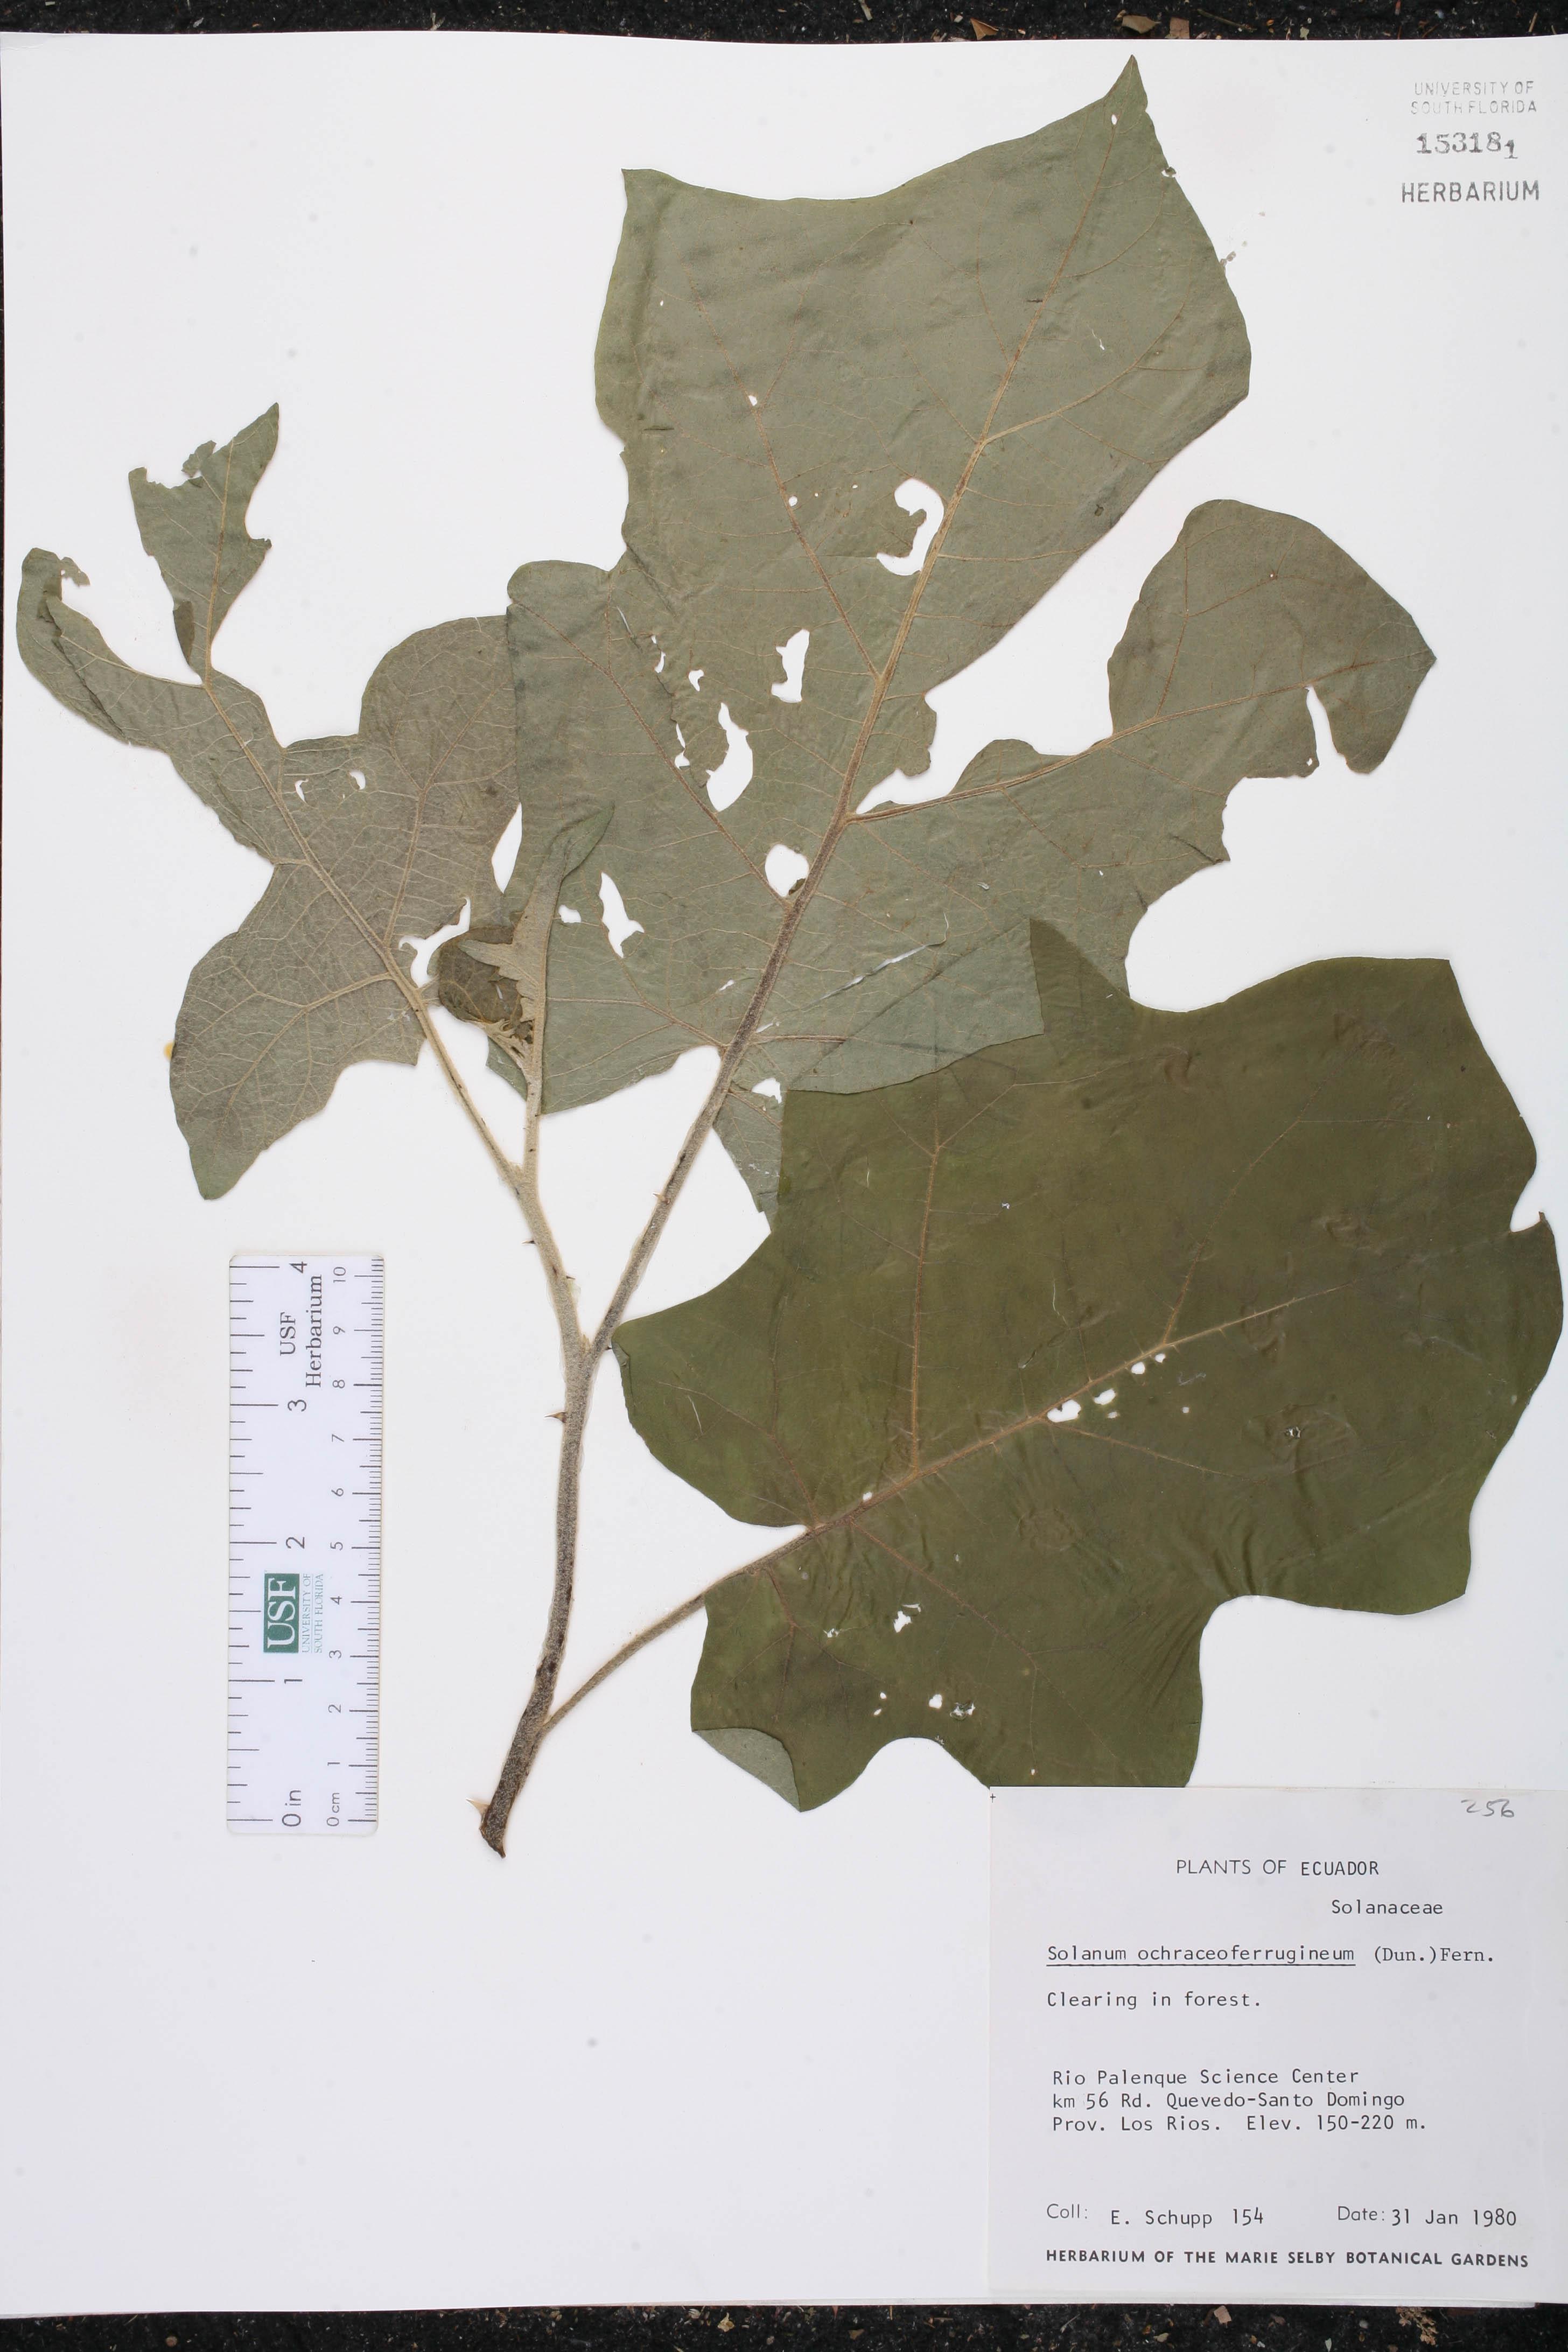 Solanum ochraceoferrugineum image